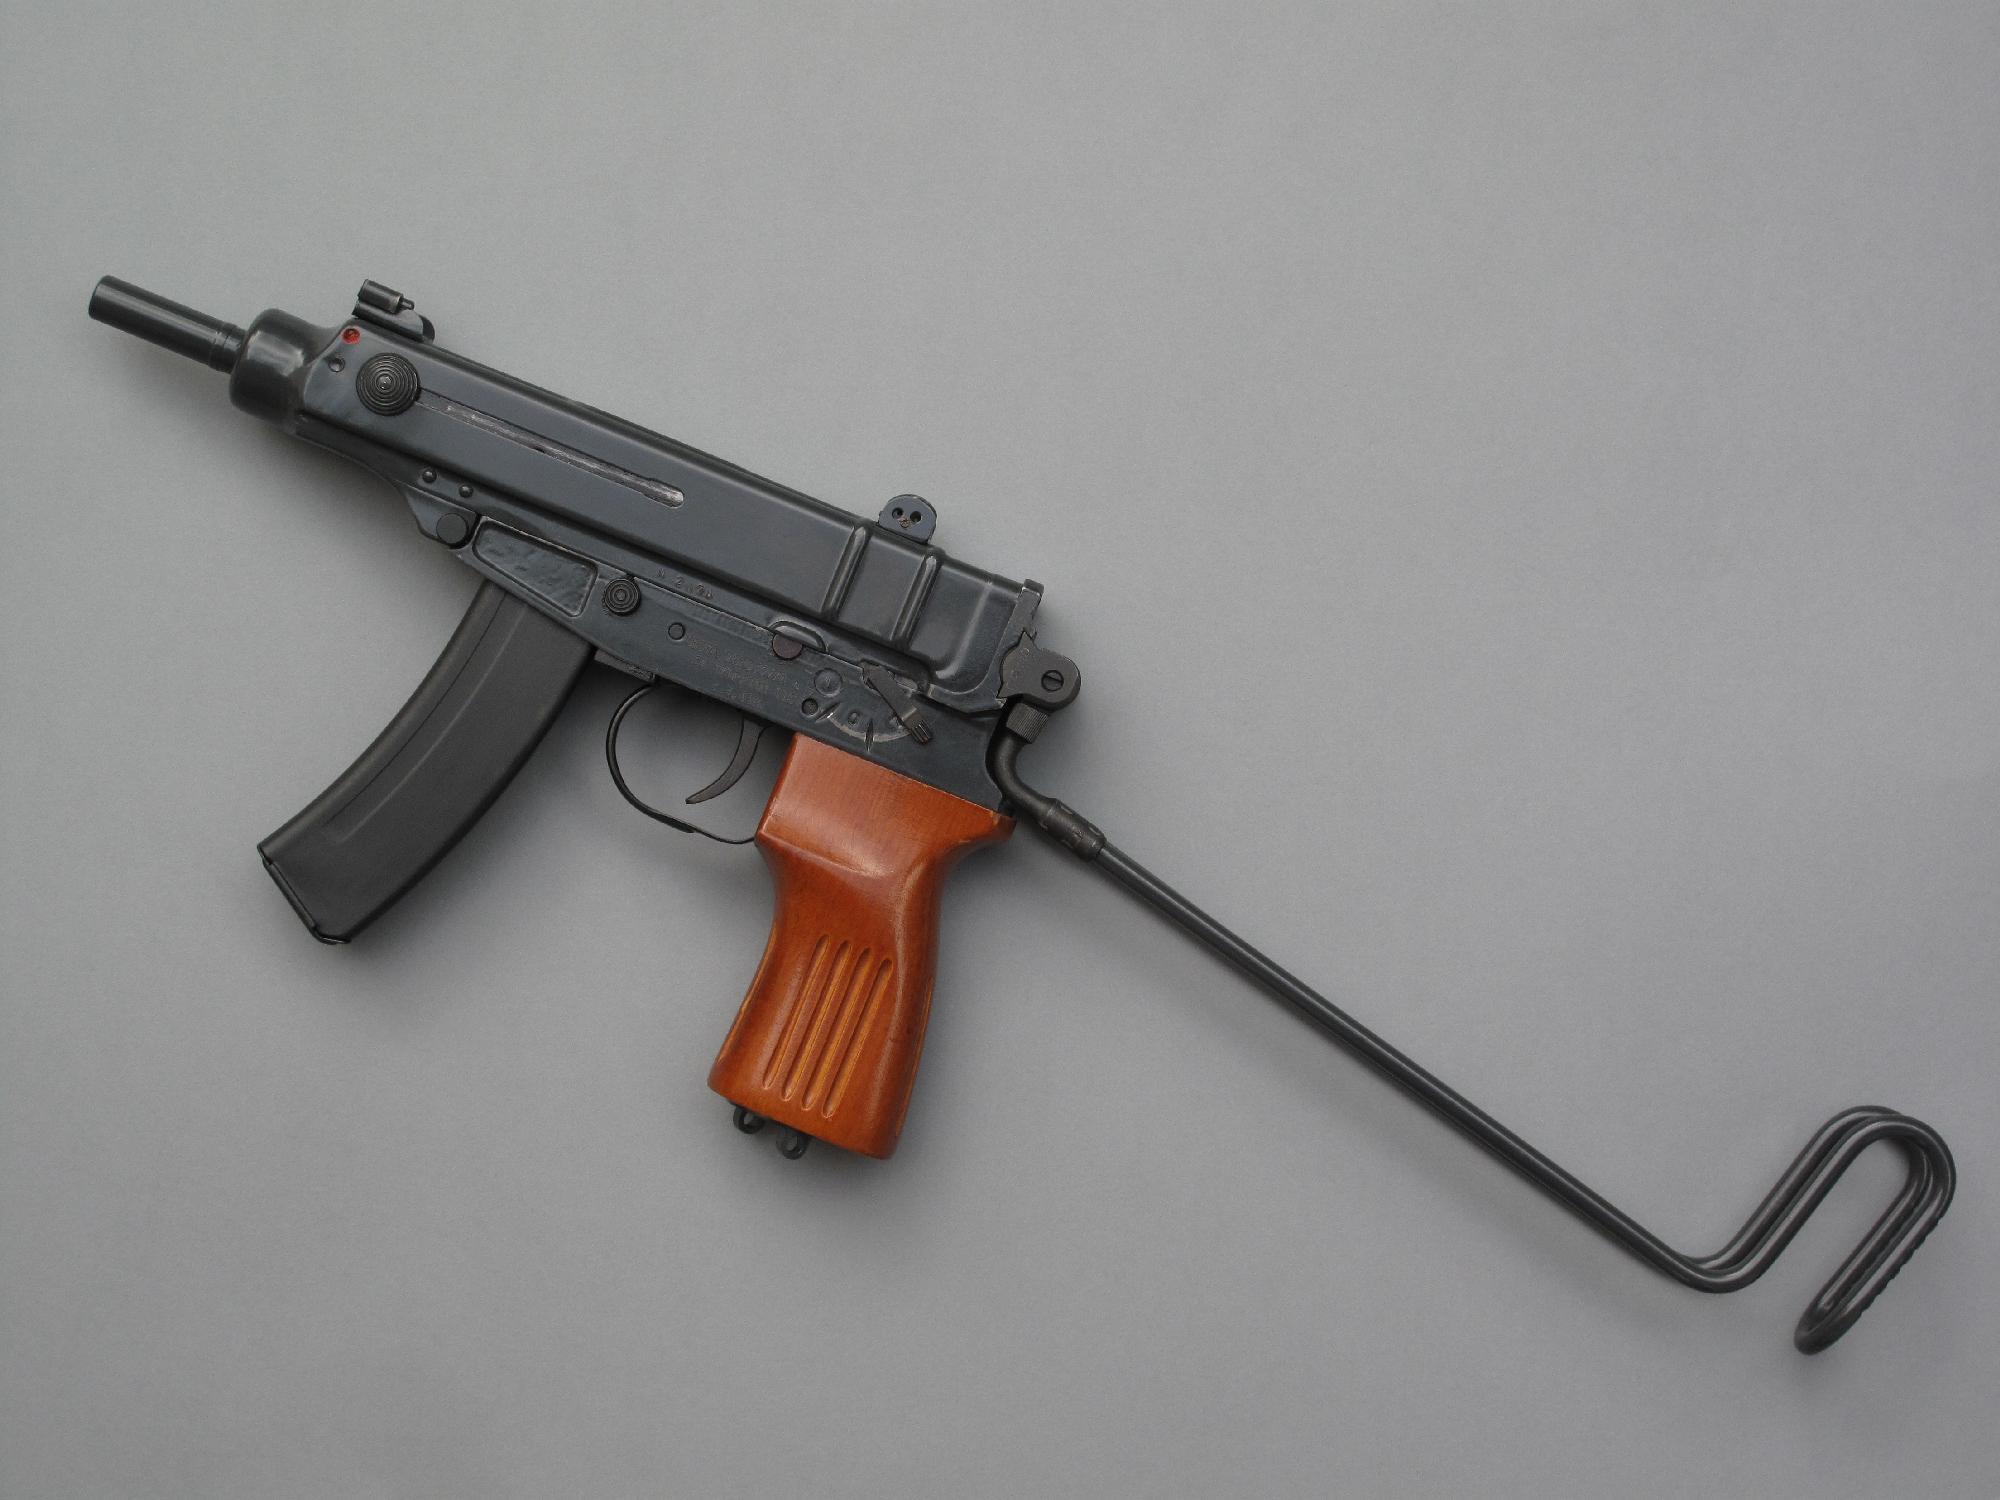 Sa trop courte et très rustique crosse squelette en fil de fer, qui se rabat sur le dessus de l'arme sans entraver la prise de visée, n'en remplit pas moins sa fonction qui est d'offrir une précision supérieure à celle d'un pistolet lorsque cela s'avère nécessaire.